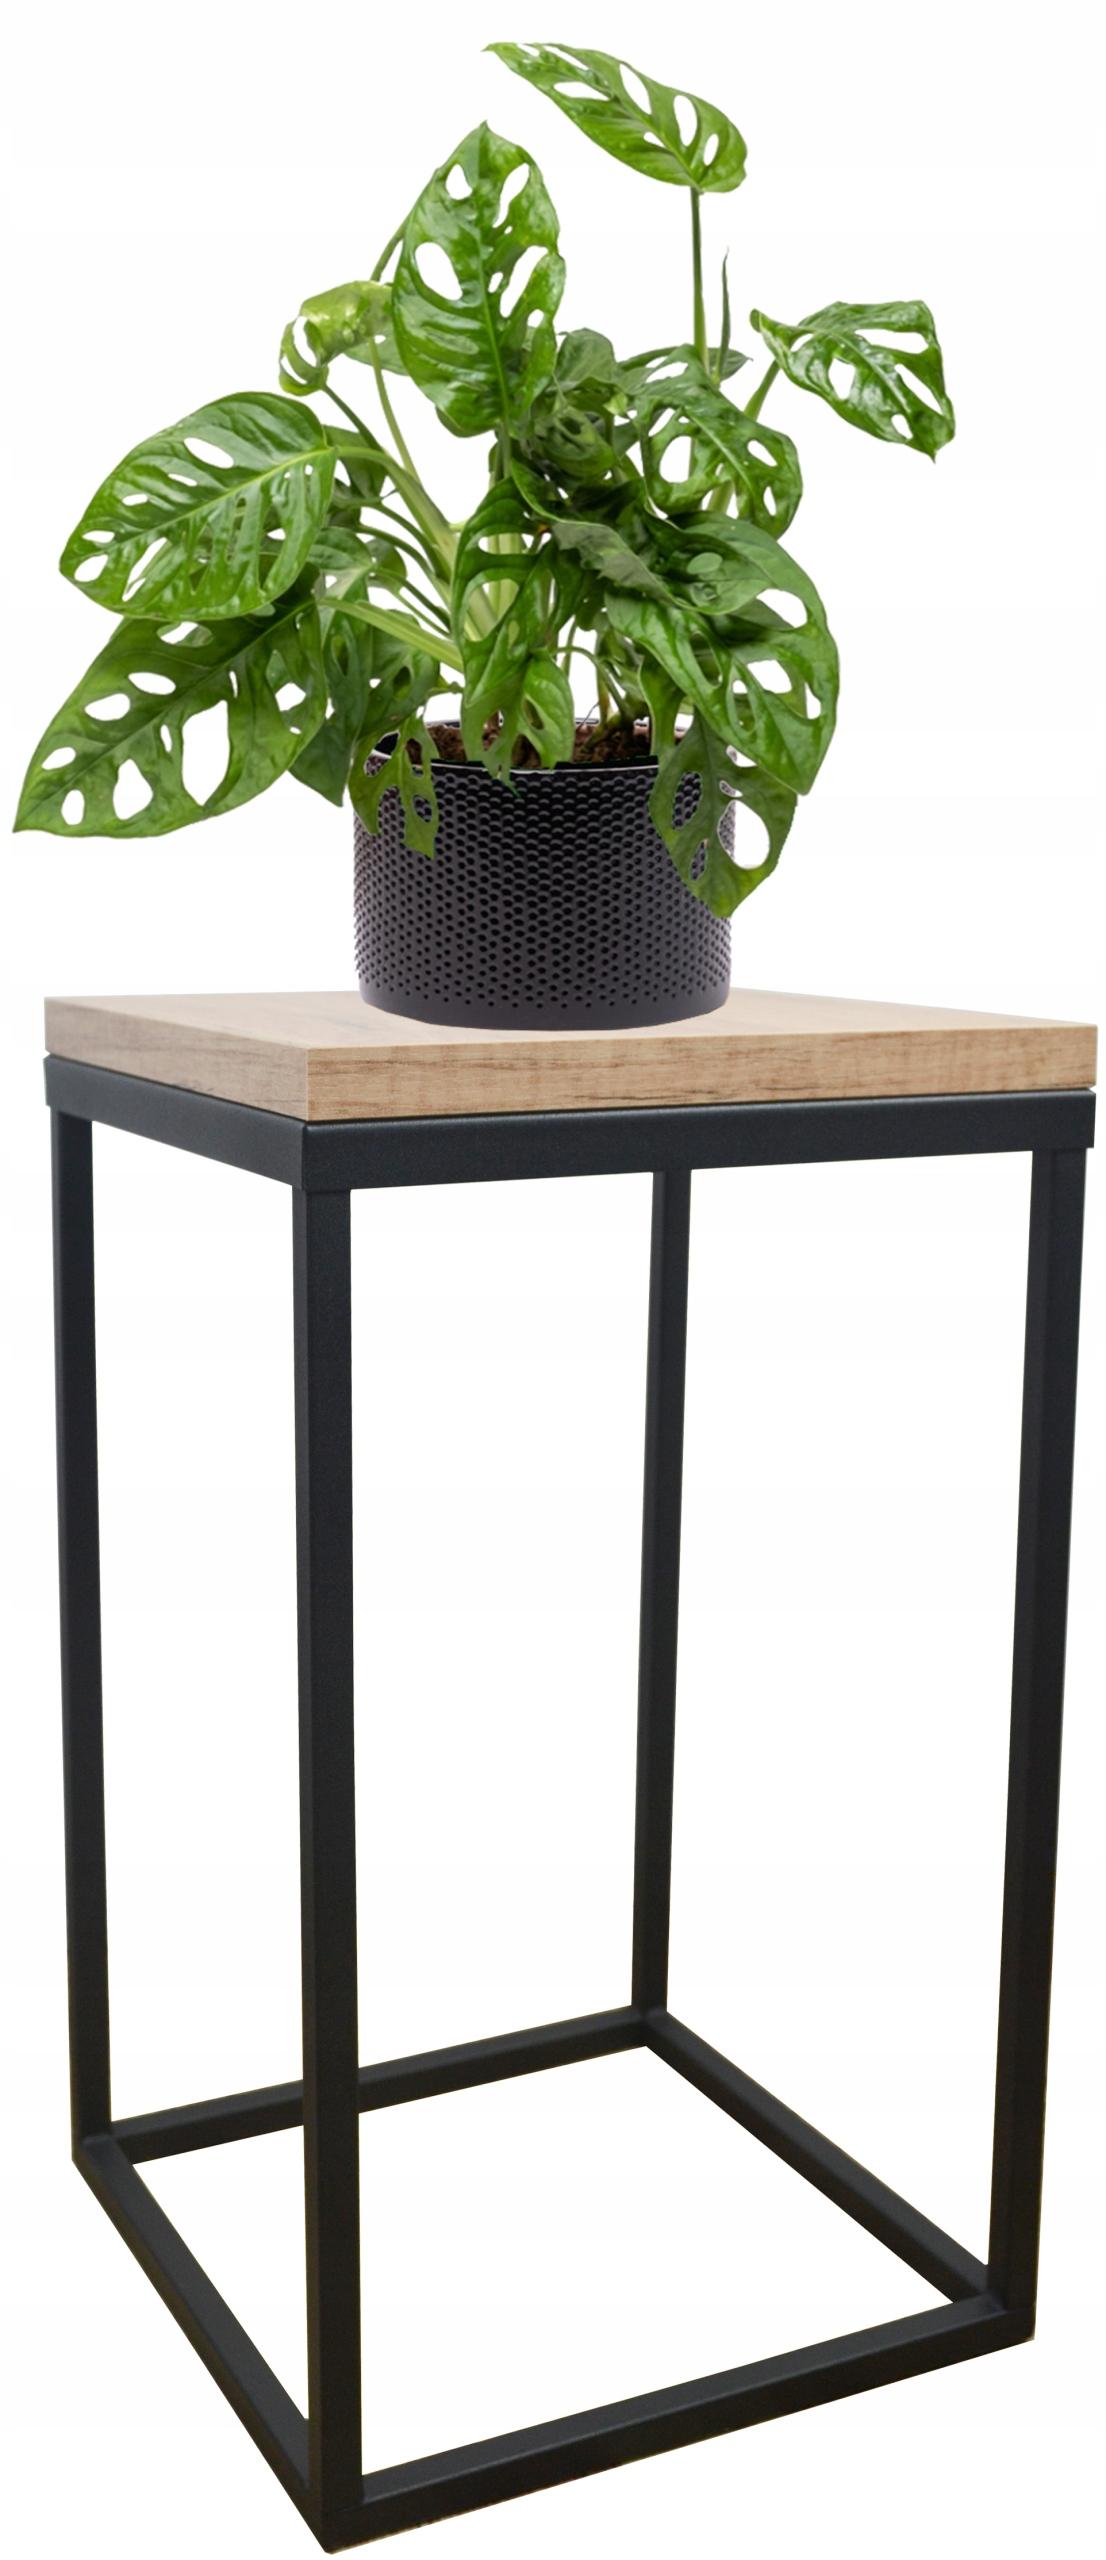 Металлическая подставка для растений loft, черная верхняя часть, Дуб Craft 40см